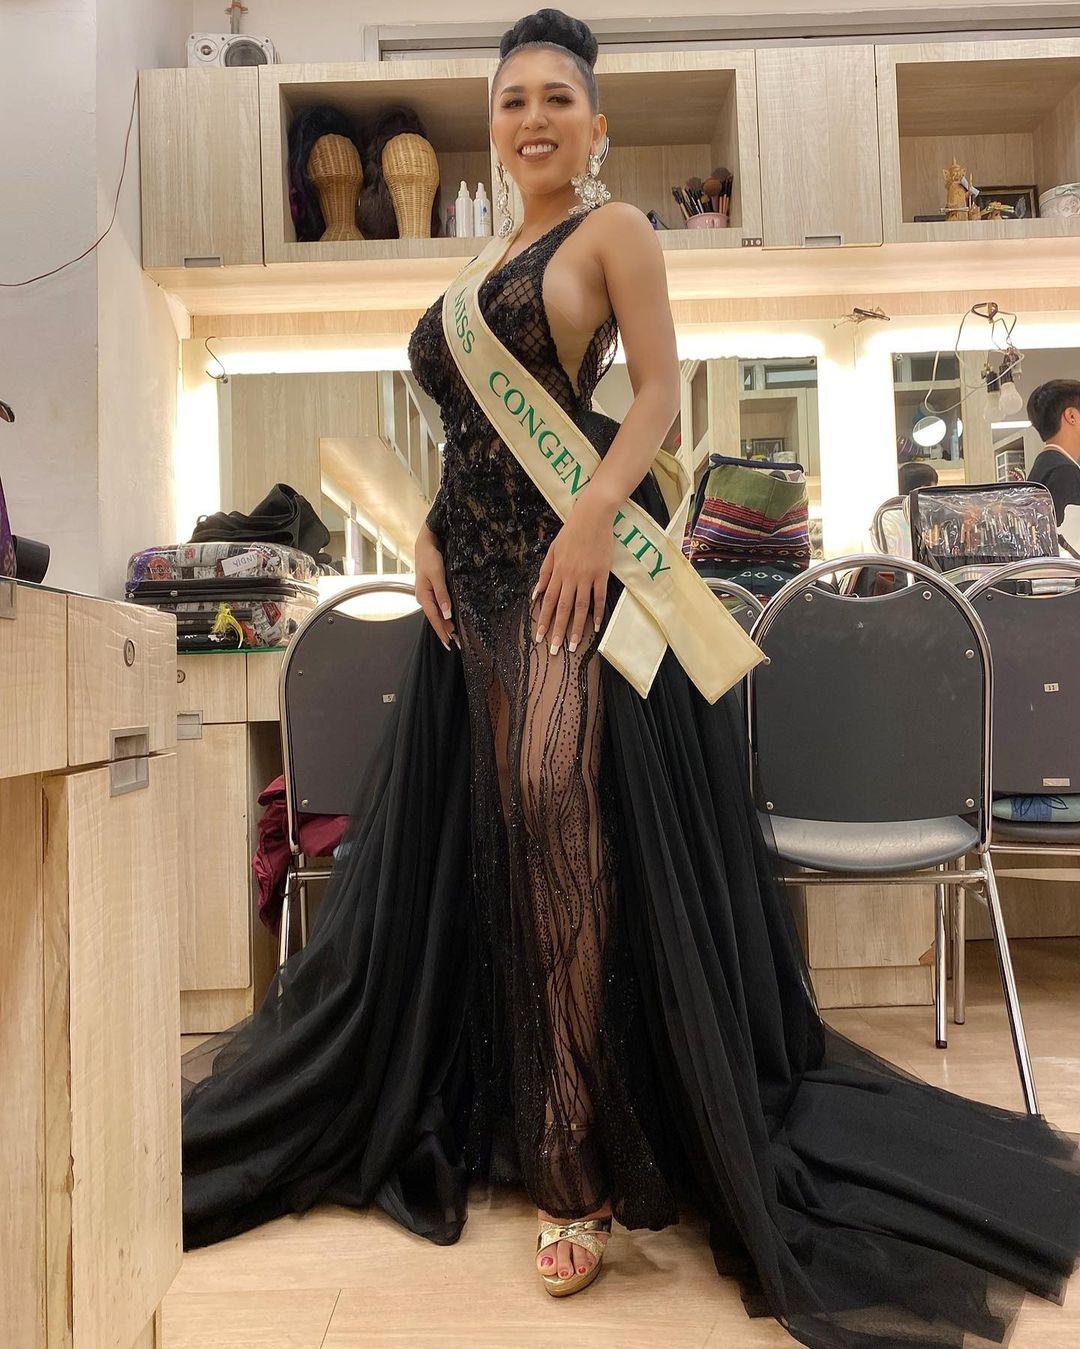 Gabby-Vesta-Miss-Queen-Indonesia-2019